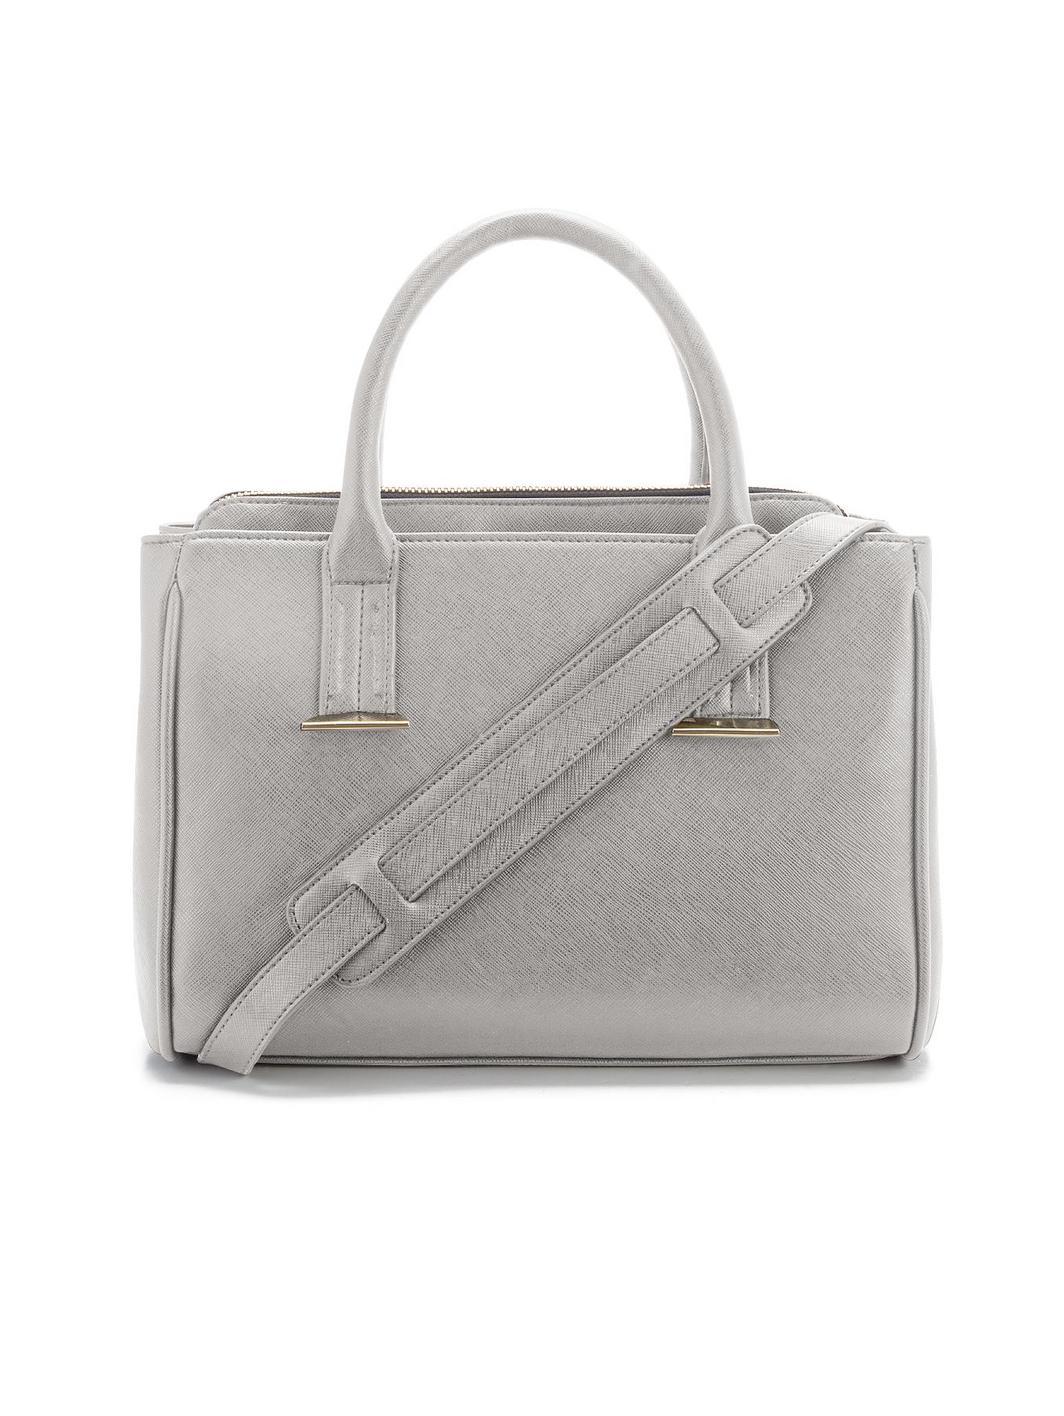 Mini triple compartment tote bag